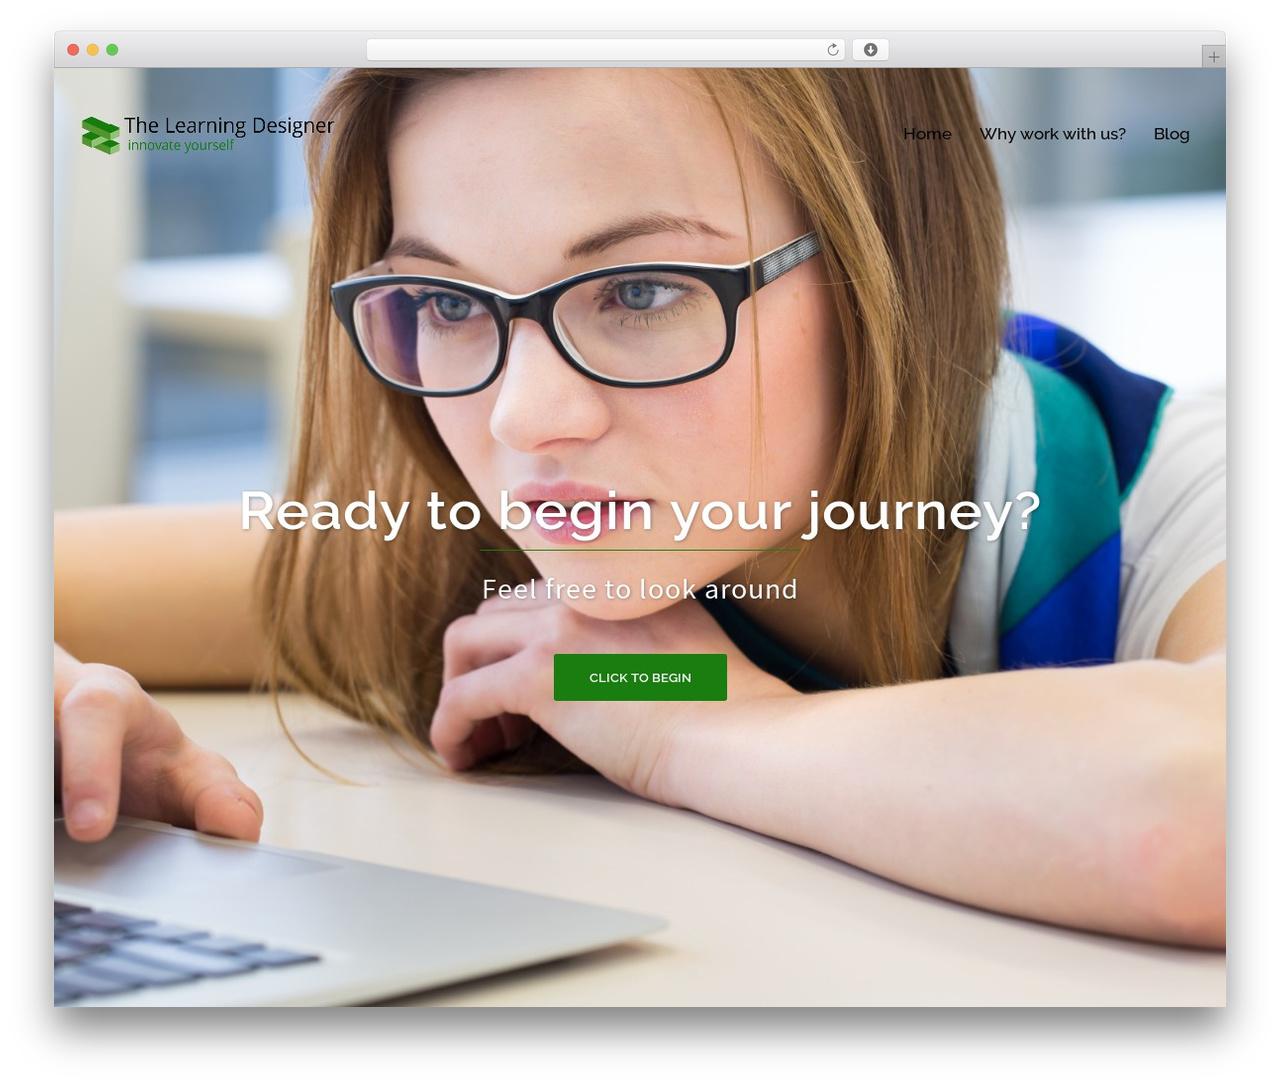 WordPress theme Sydney - thelearningdesigner.com